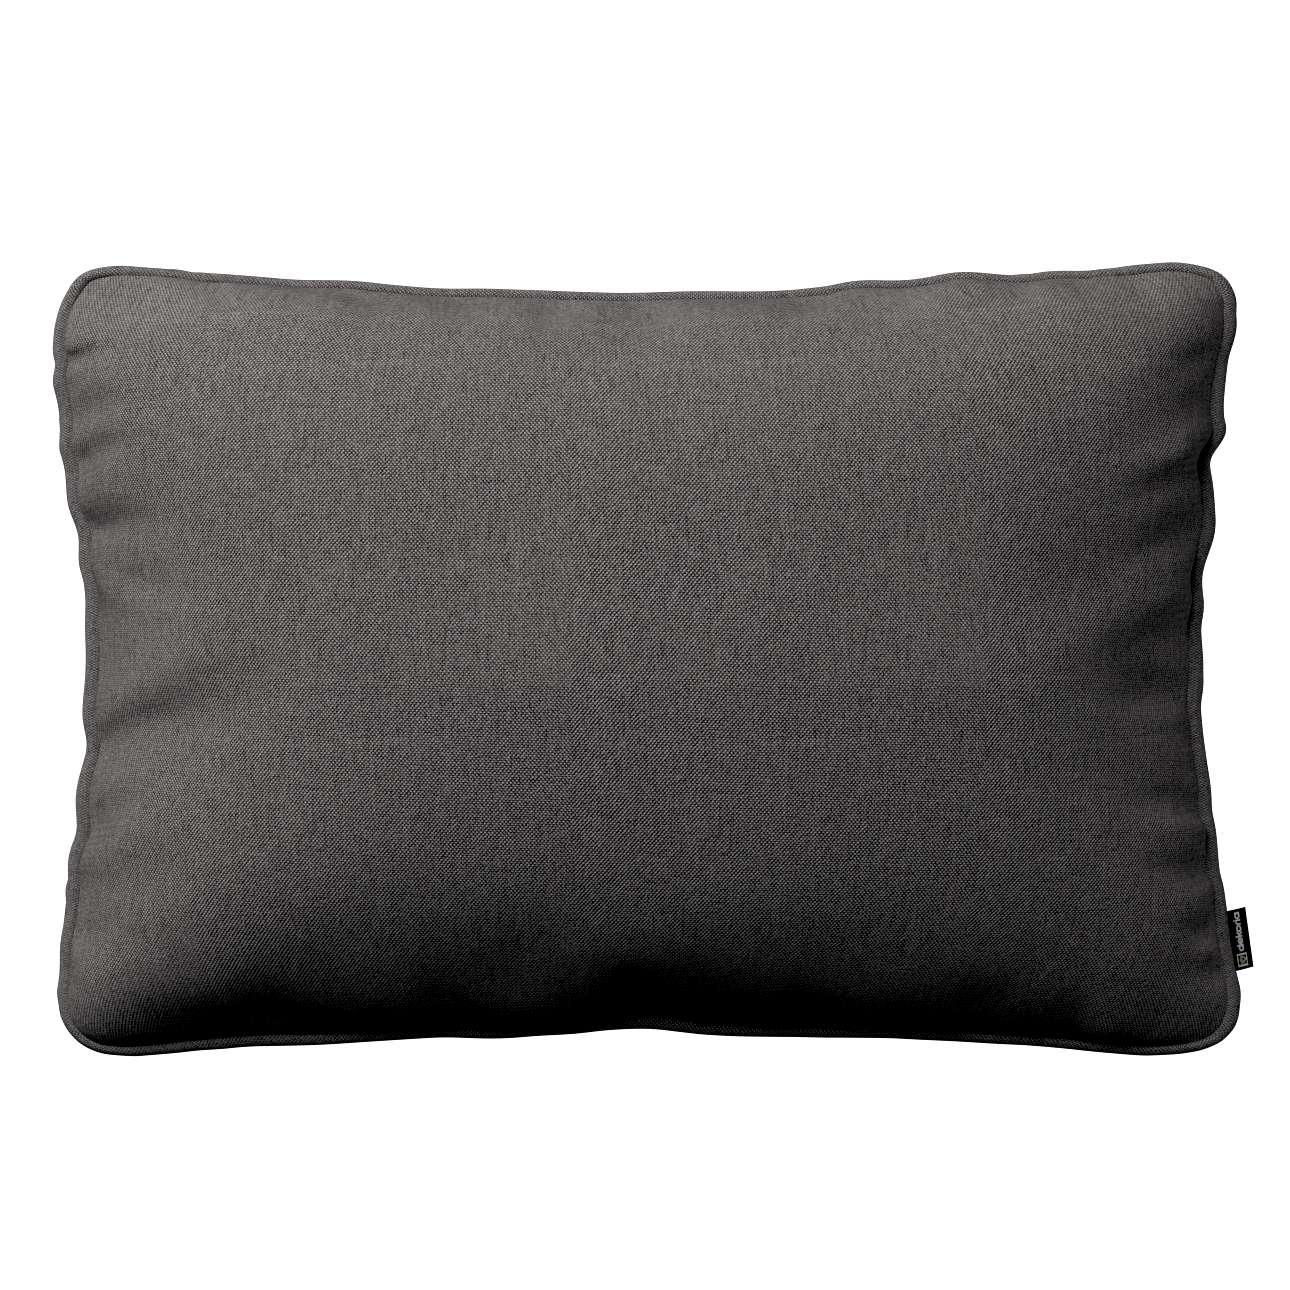 Gabi dekoratyvinės pagavėlės užvalkalas su specialia siūle 60x40cm 60 x 40 cm kolekcijoje Etna , audinys: 705-35